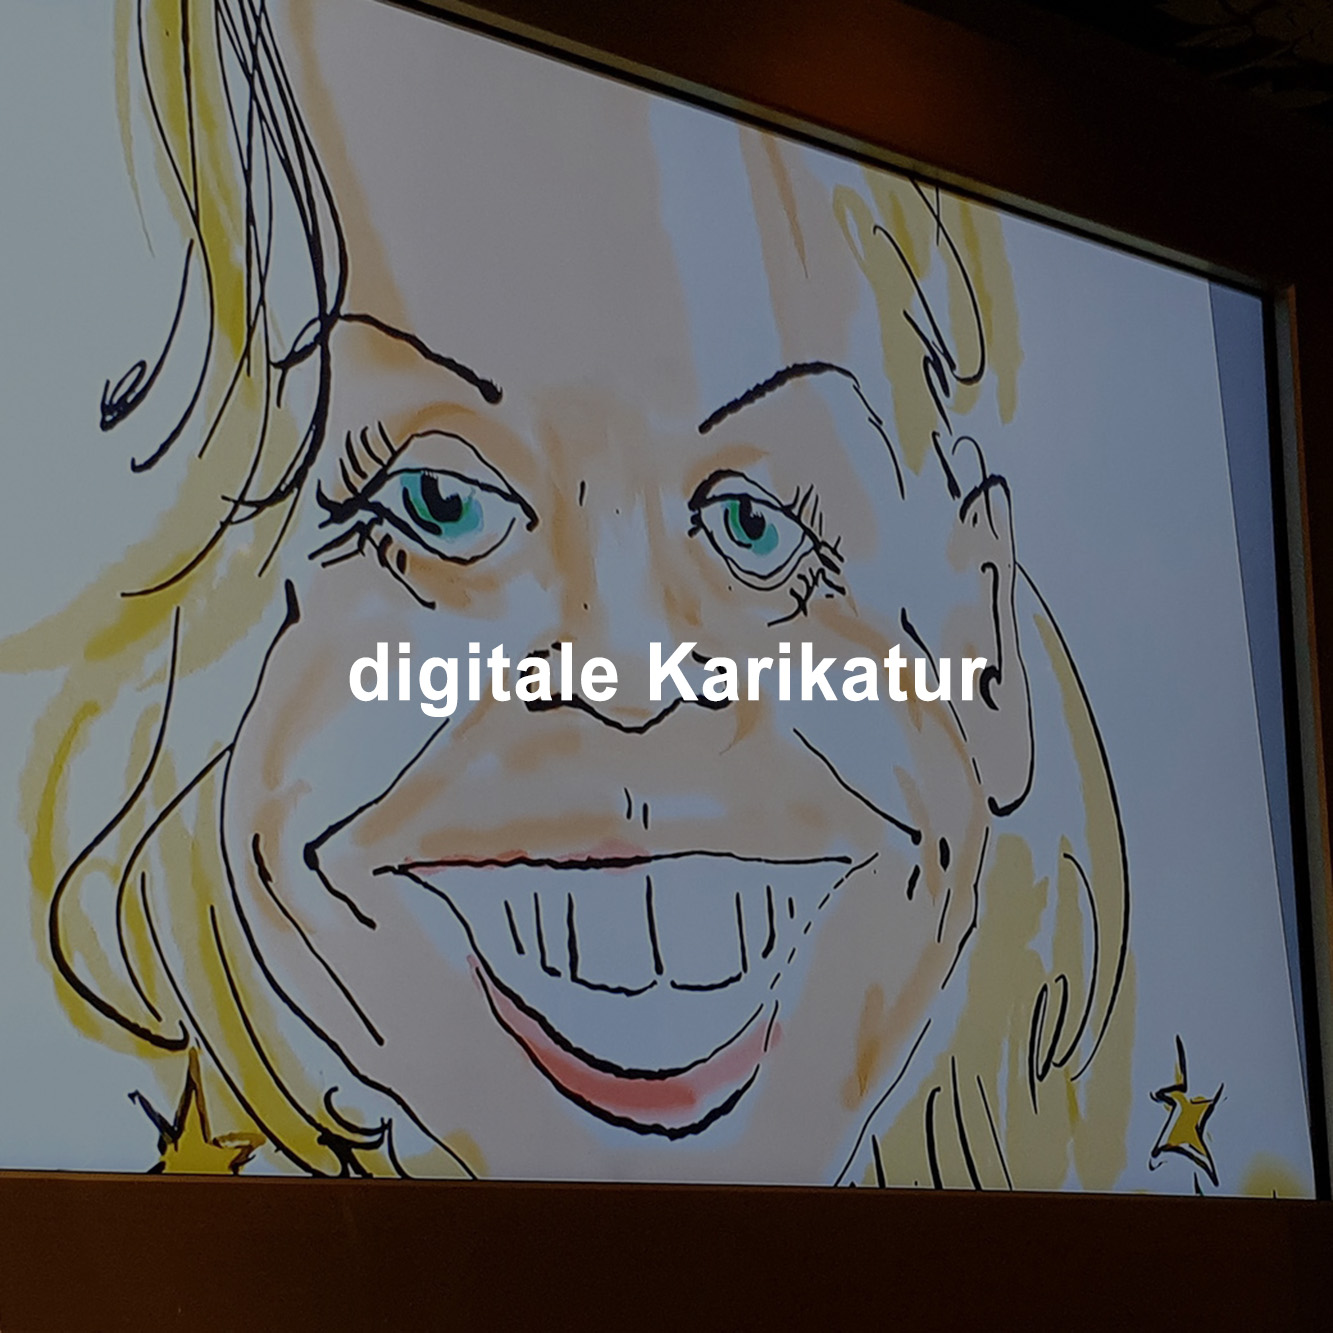 Karikaturisten zeichnen ihre Karikaturen analog am Blatt oder digital am IPAD